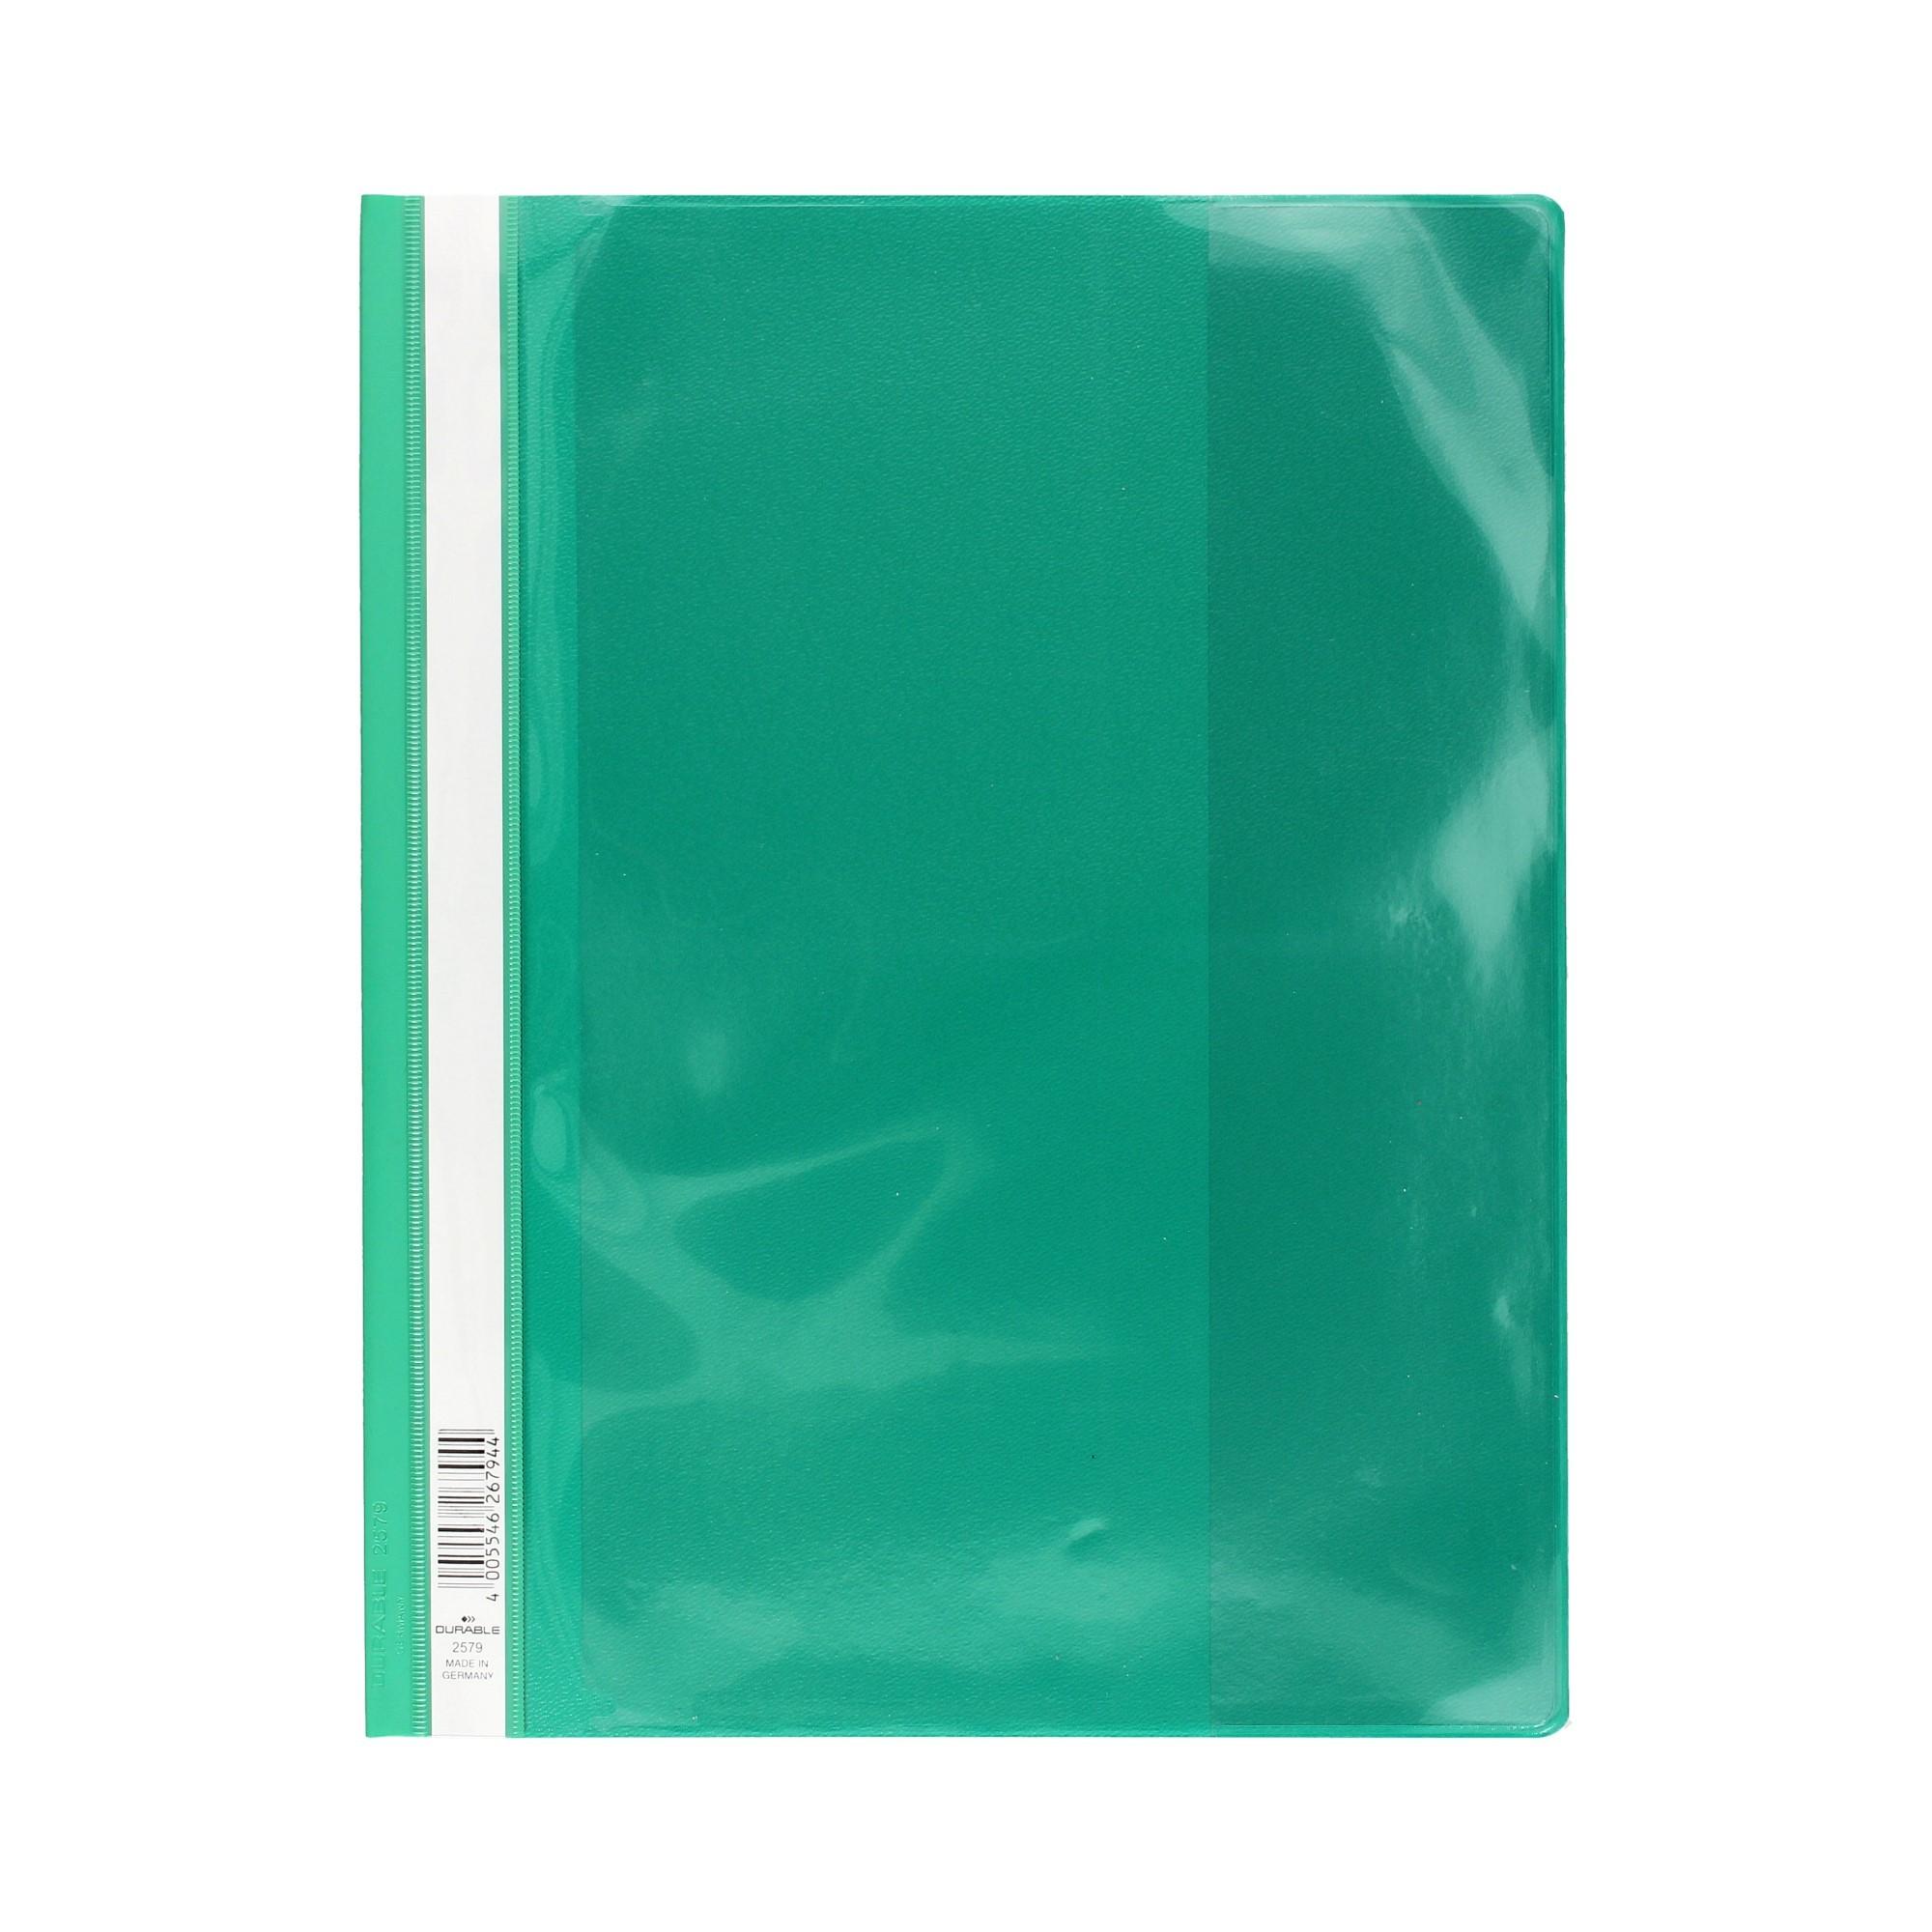 Skoroszyt prezentacyjny A4/PP zielony Durable